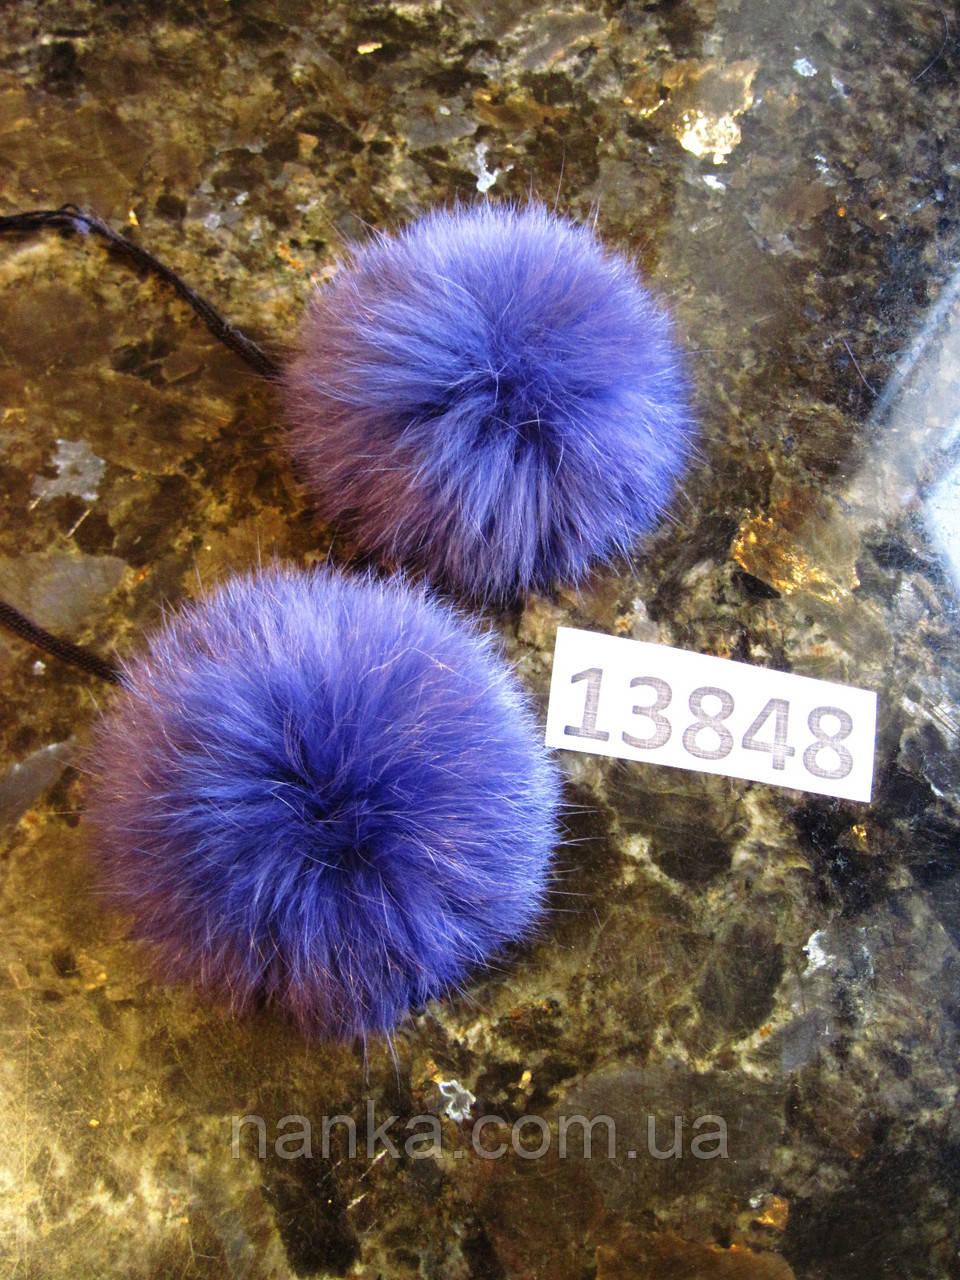 Меховой помпон Кролик, Фиолет, 8 см, пара 13848